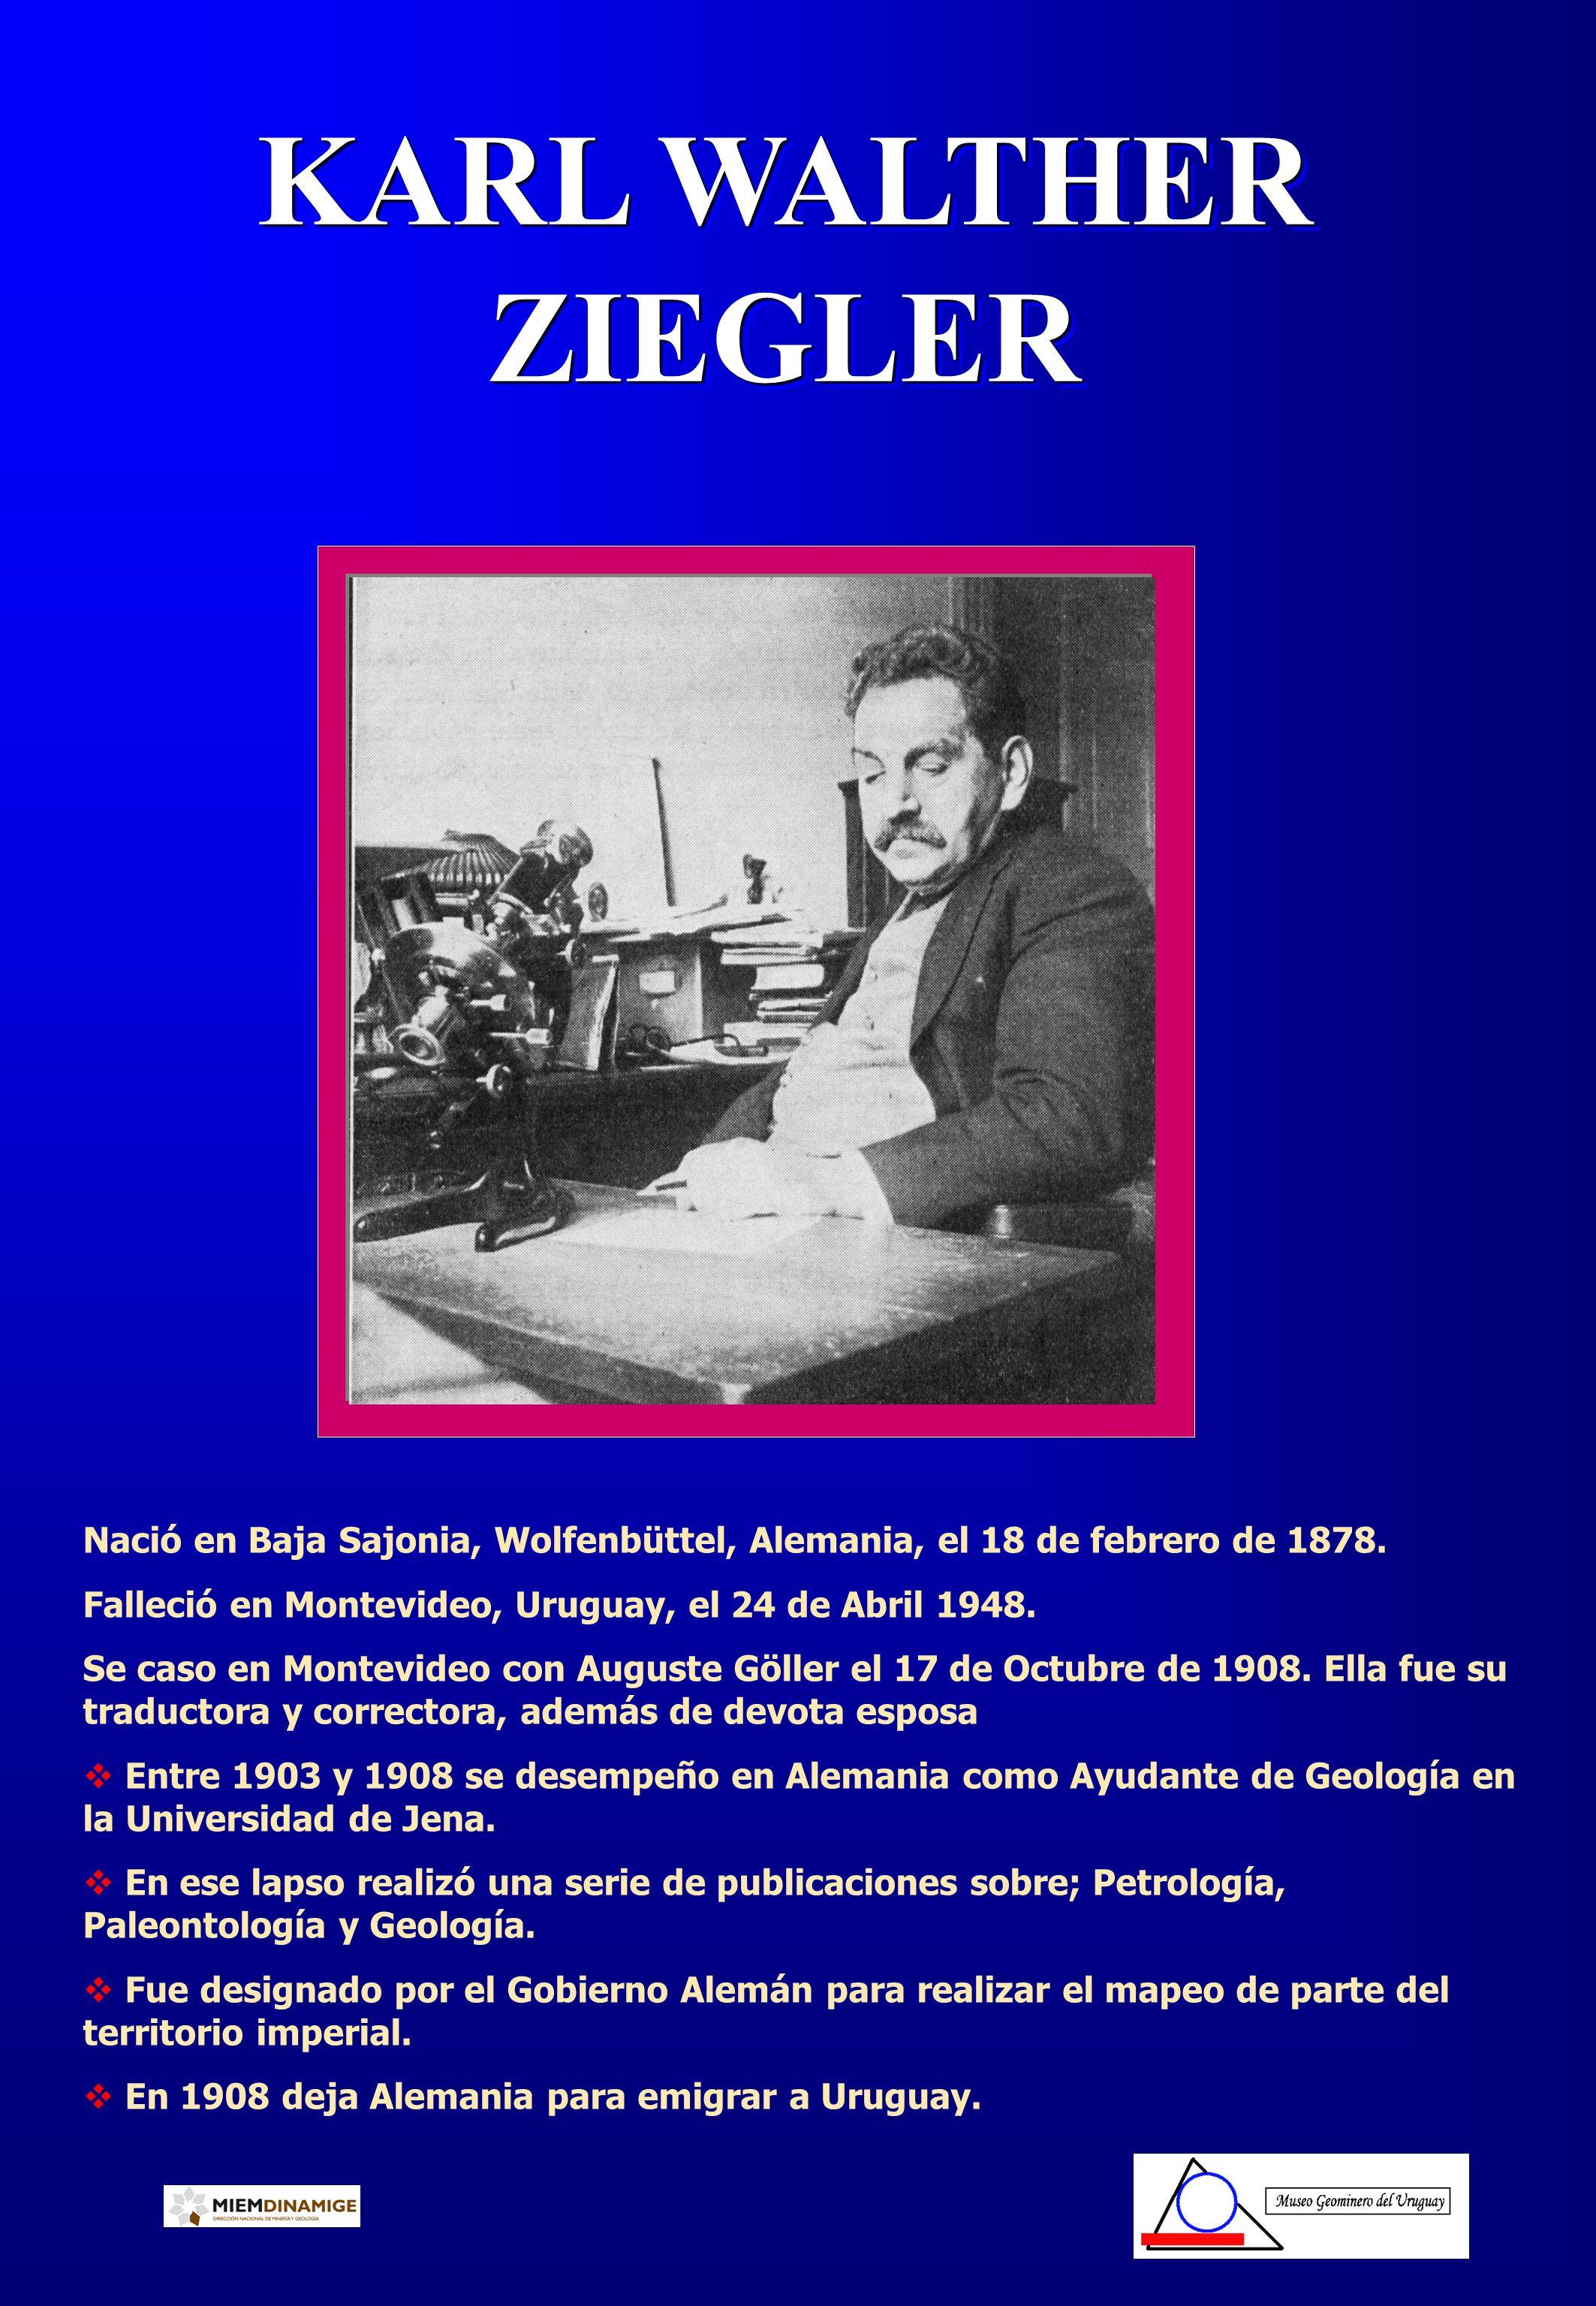 Dr.WALTHER ARRIBA A URUGUAY 1908 Walther arriba al puerto de Montevideo, Uruguay.